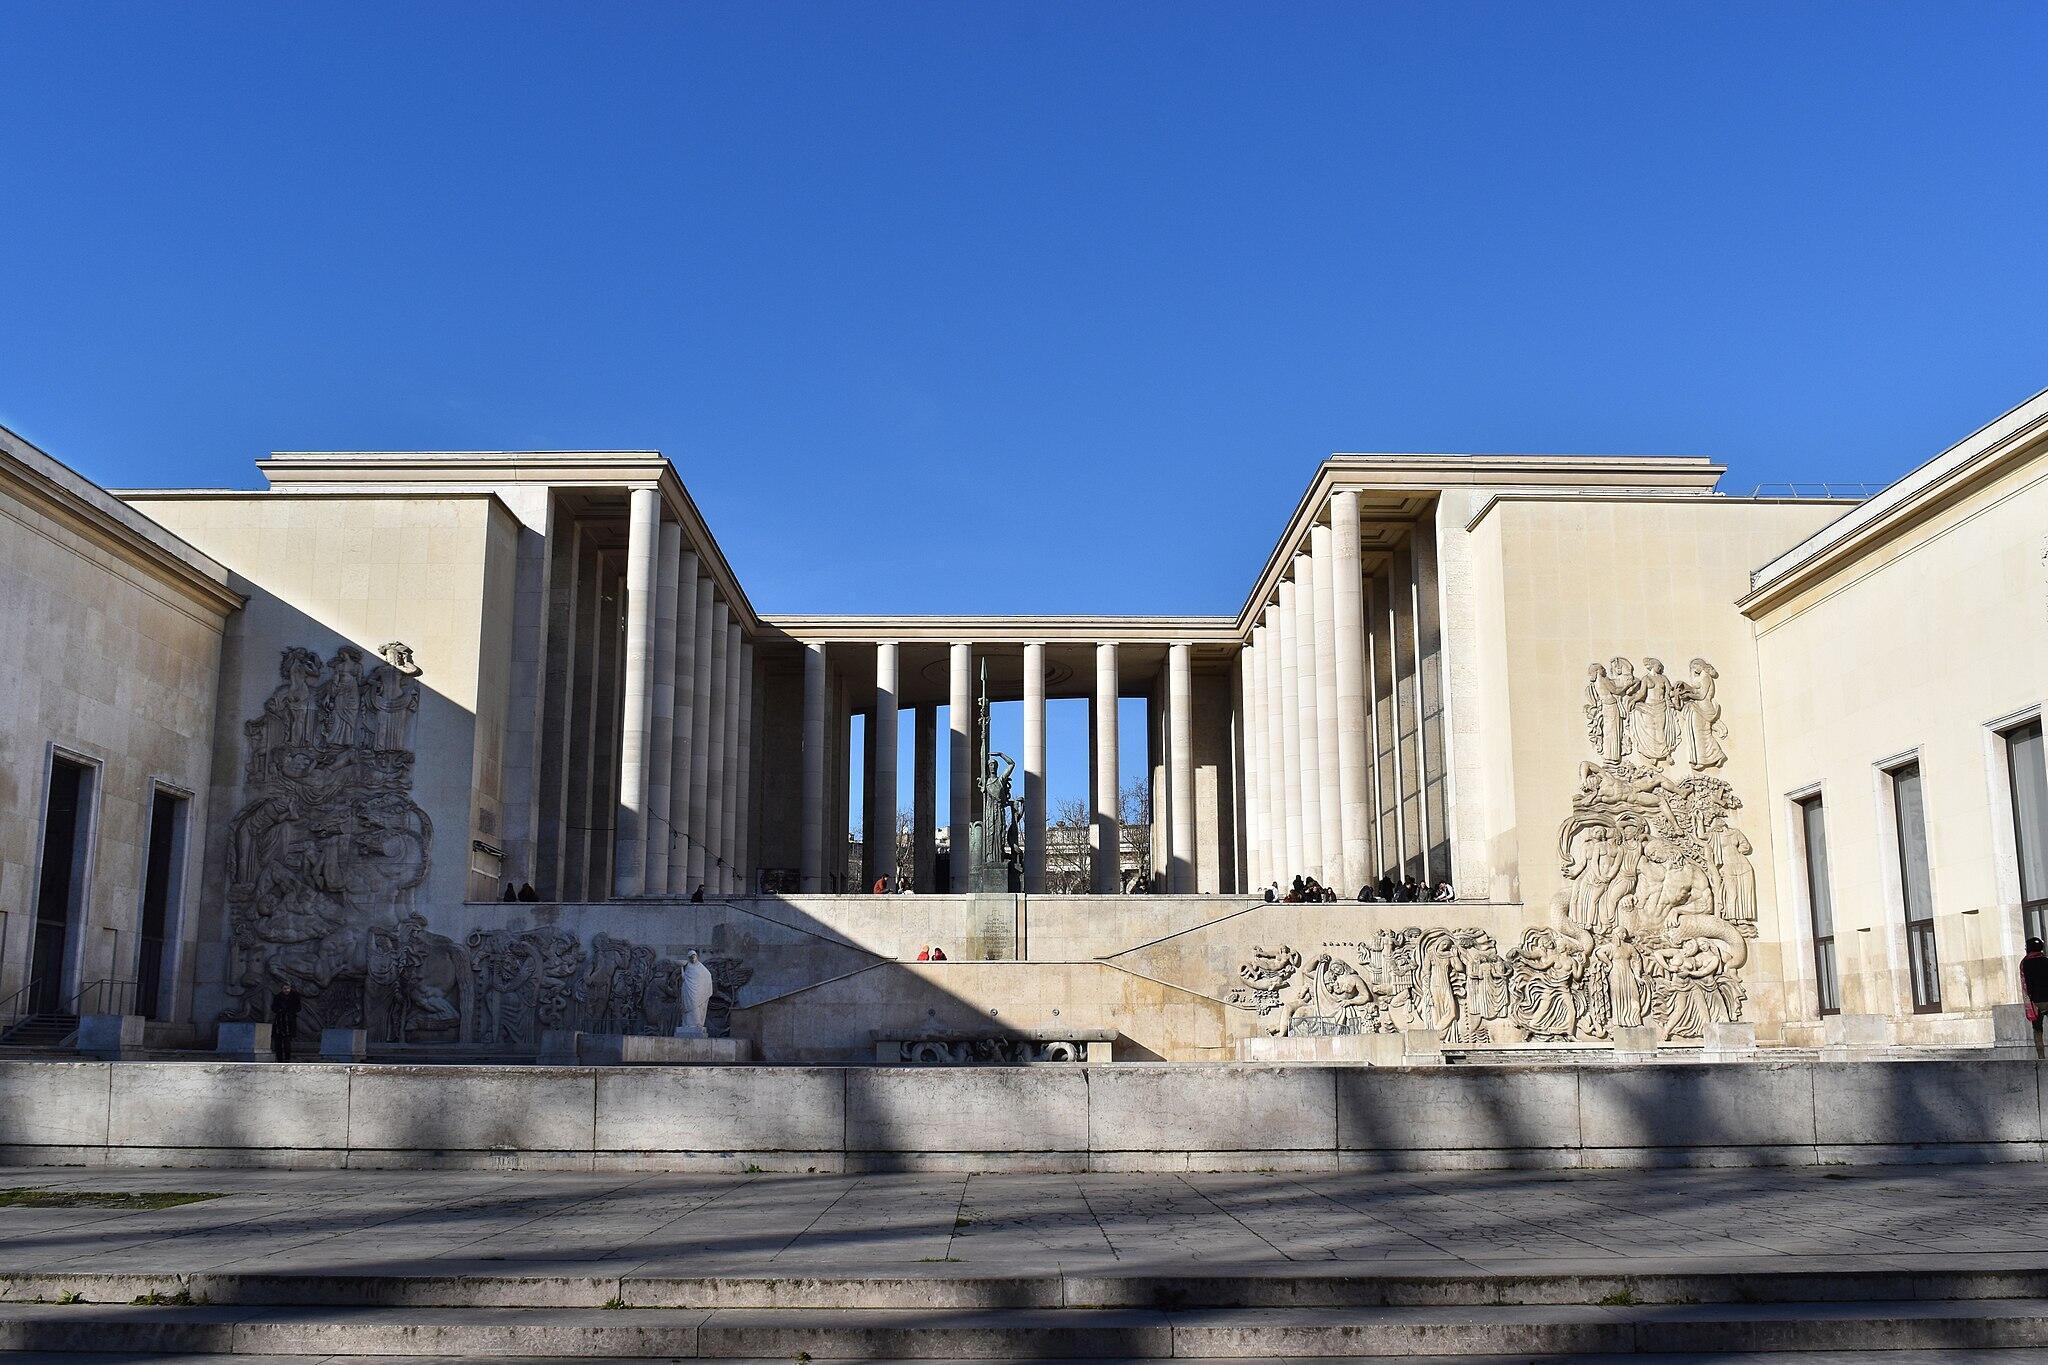 Одной из самых масштабных работ дуэта стала реконструкция парижского музея современного искусства «Дворца Токио» (Palais de Tokyo) в 2012 году